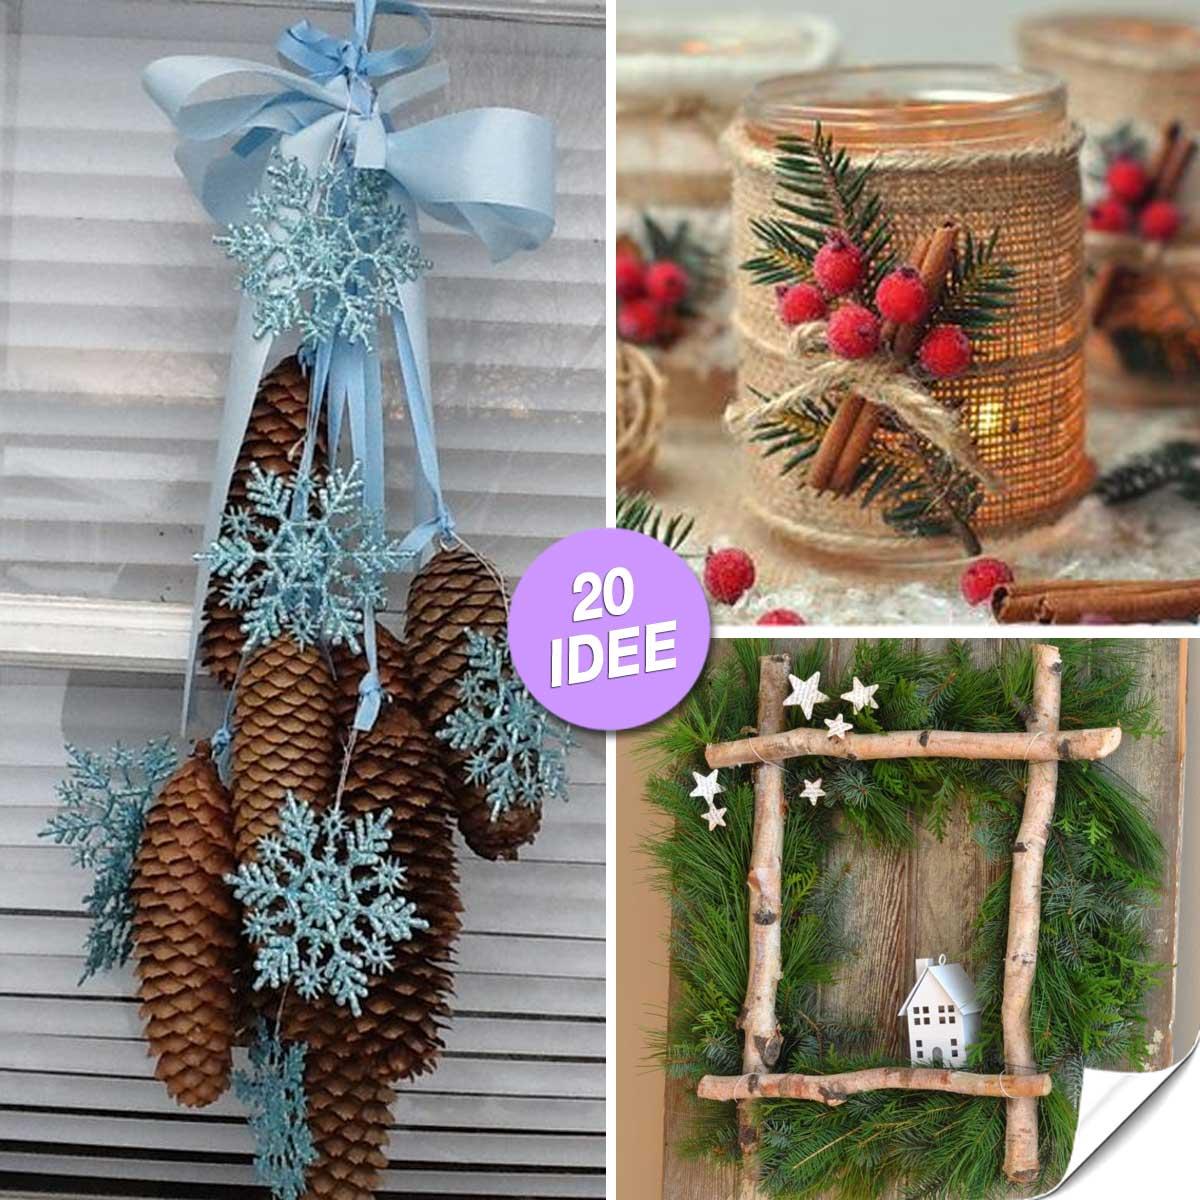 Idee Creative Per Natale decorazioni natalizie originali! ecco 20 idee lasciatevi